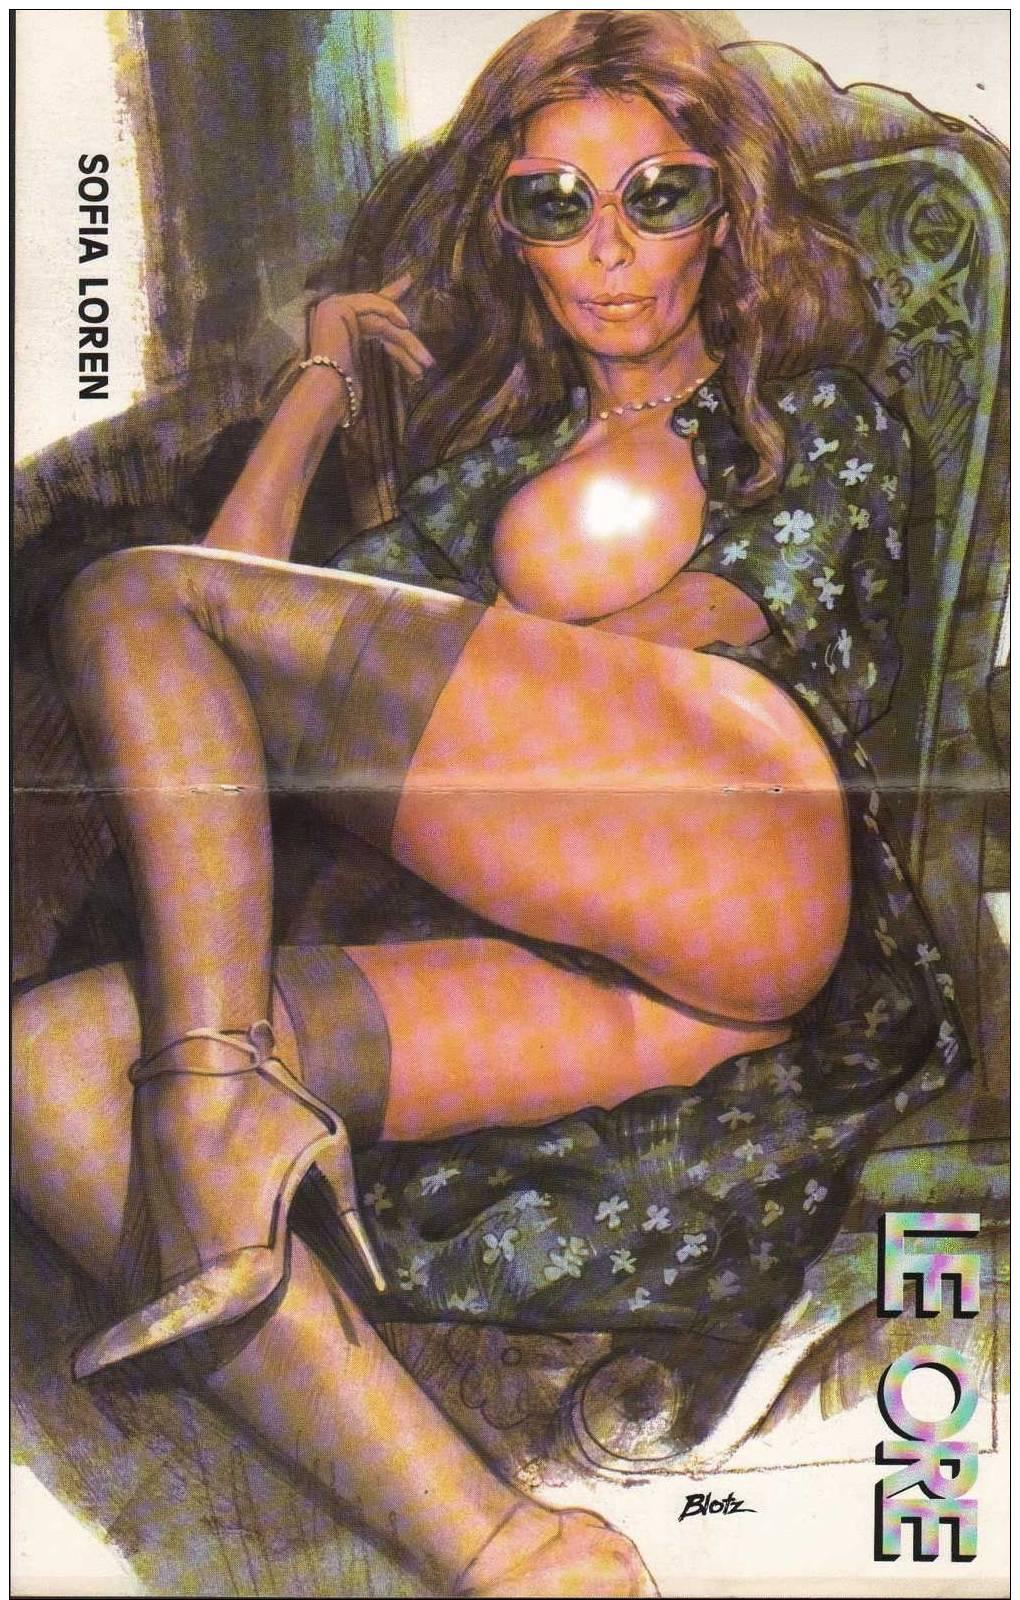 film sexy anni 80 chat svizzera